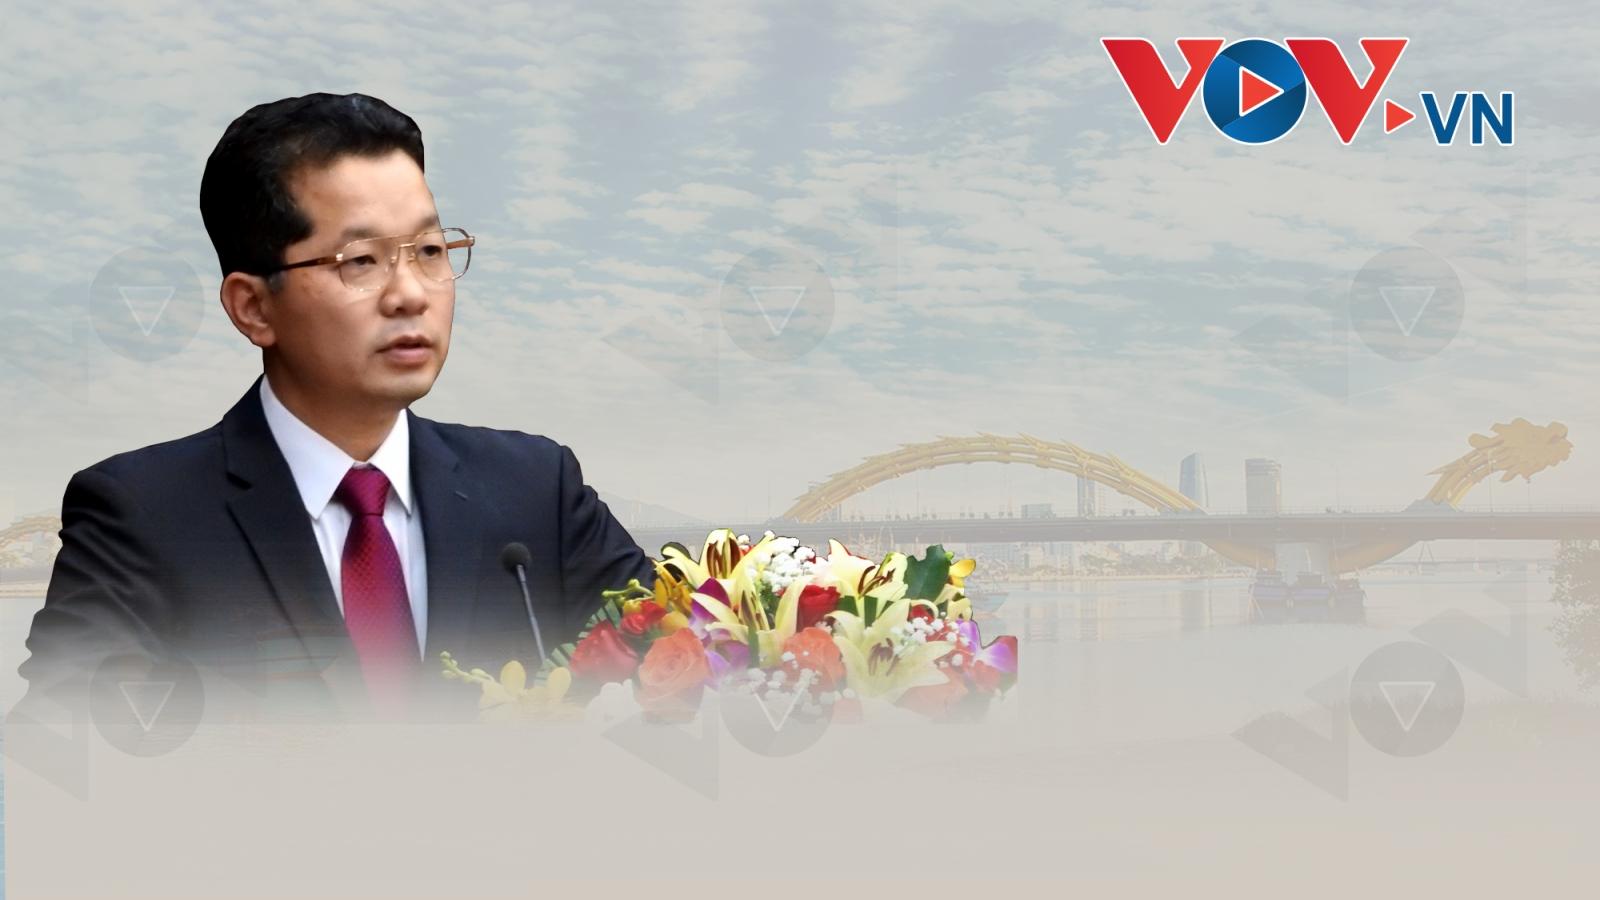 Chân dung tân Bí thư Thành ủy Đà Nẵng Nguyễn Văn Quảng